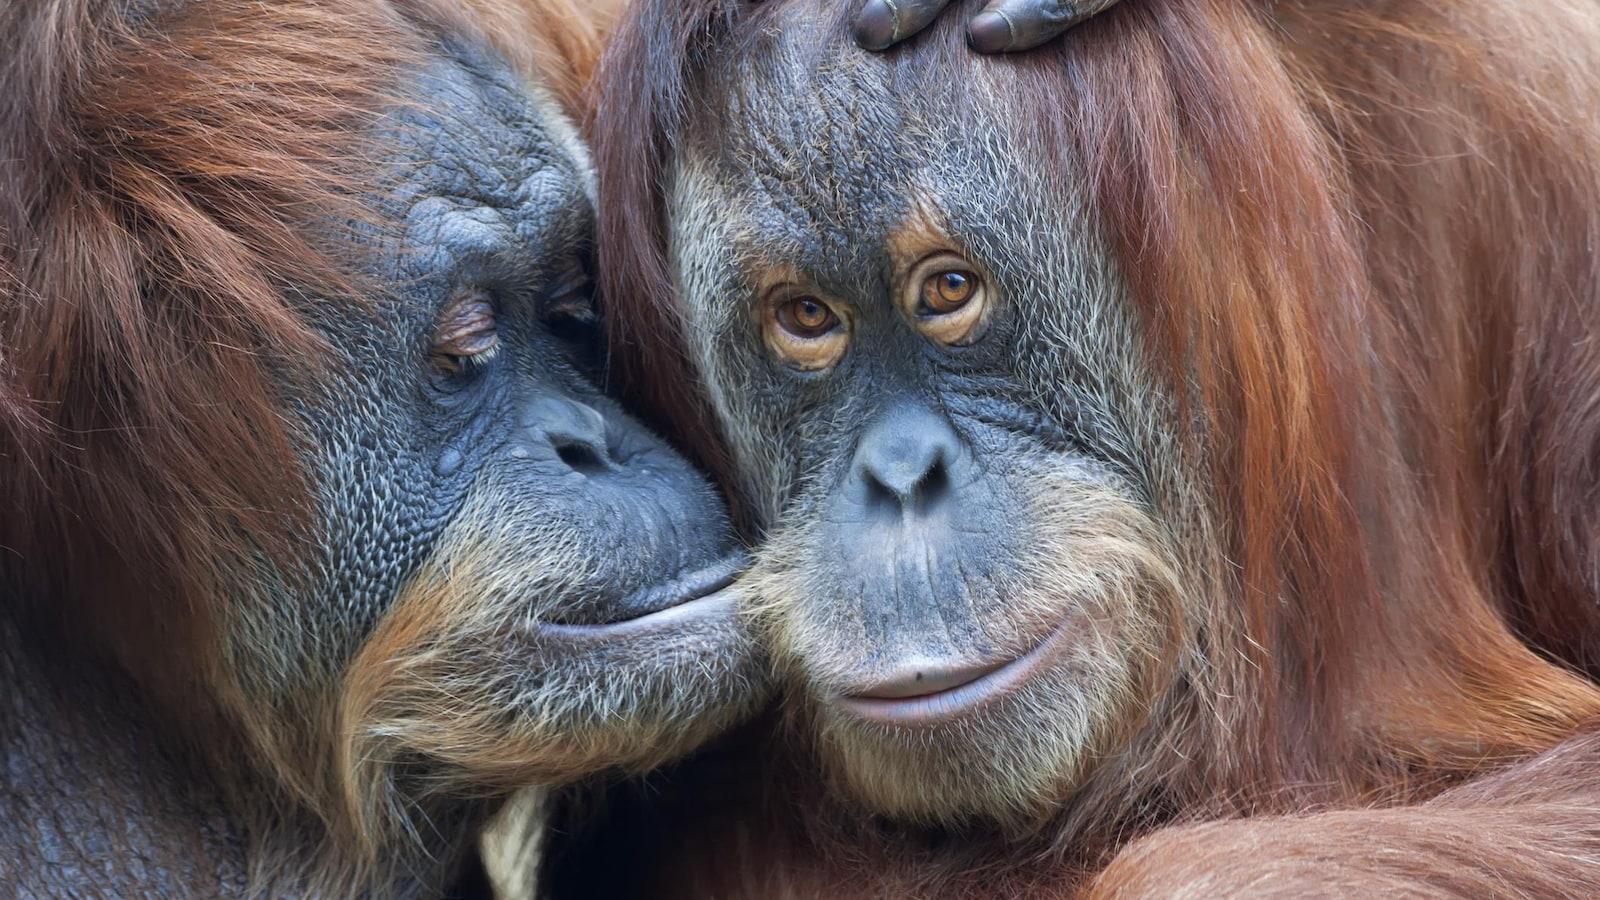 Une mère orang-outan embrasse sa fille, également adulte, sur la joue.